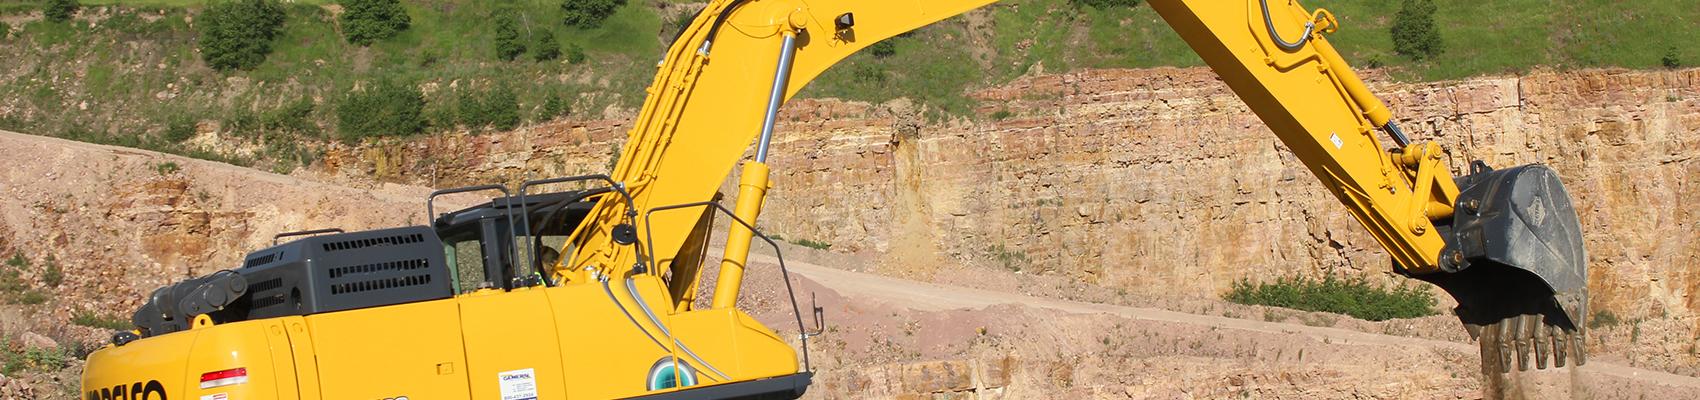 Excavator on job site